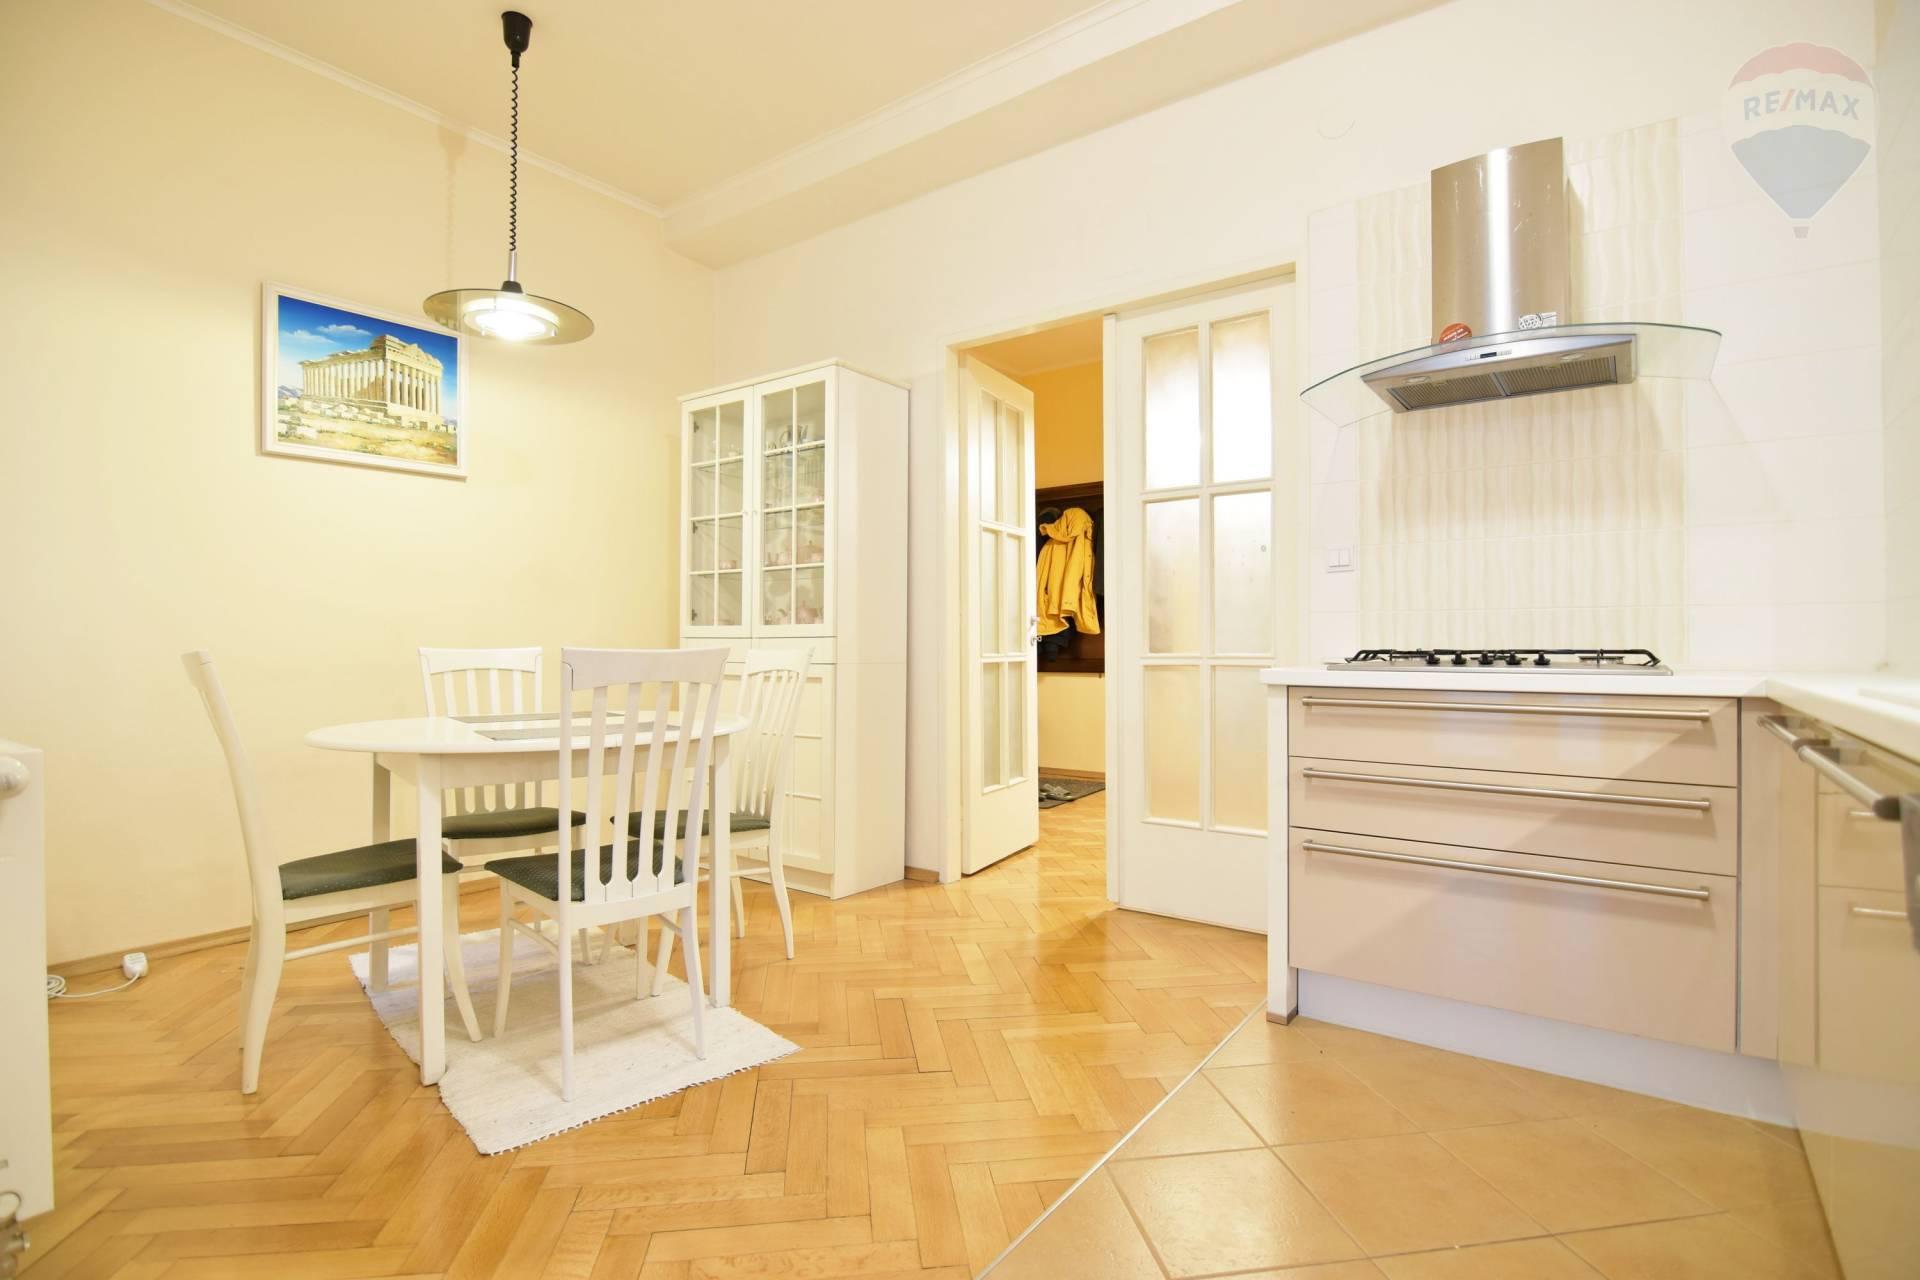 Prenájom bytu (3 izbový) 125 m2, Košice - Staré Mesto - 3 izbovy byt na prenajom Kosice